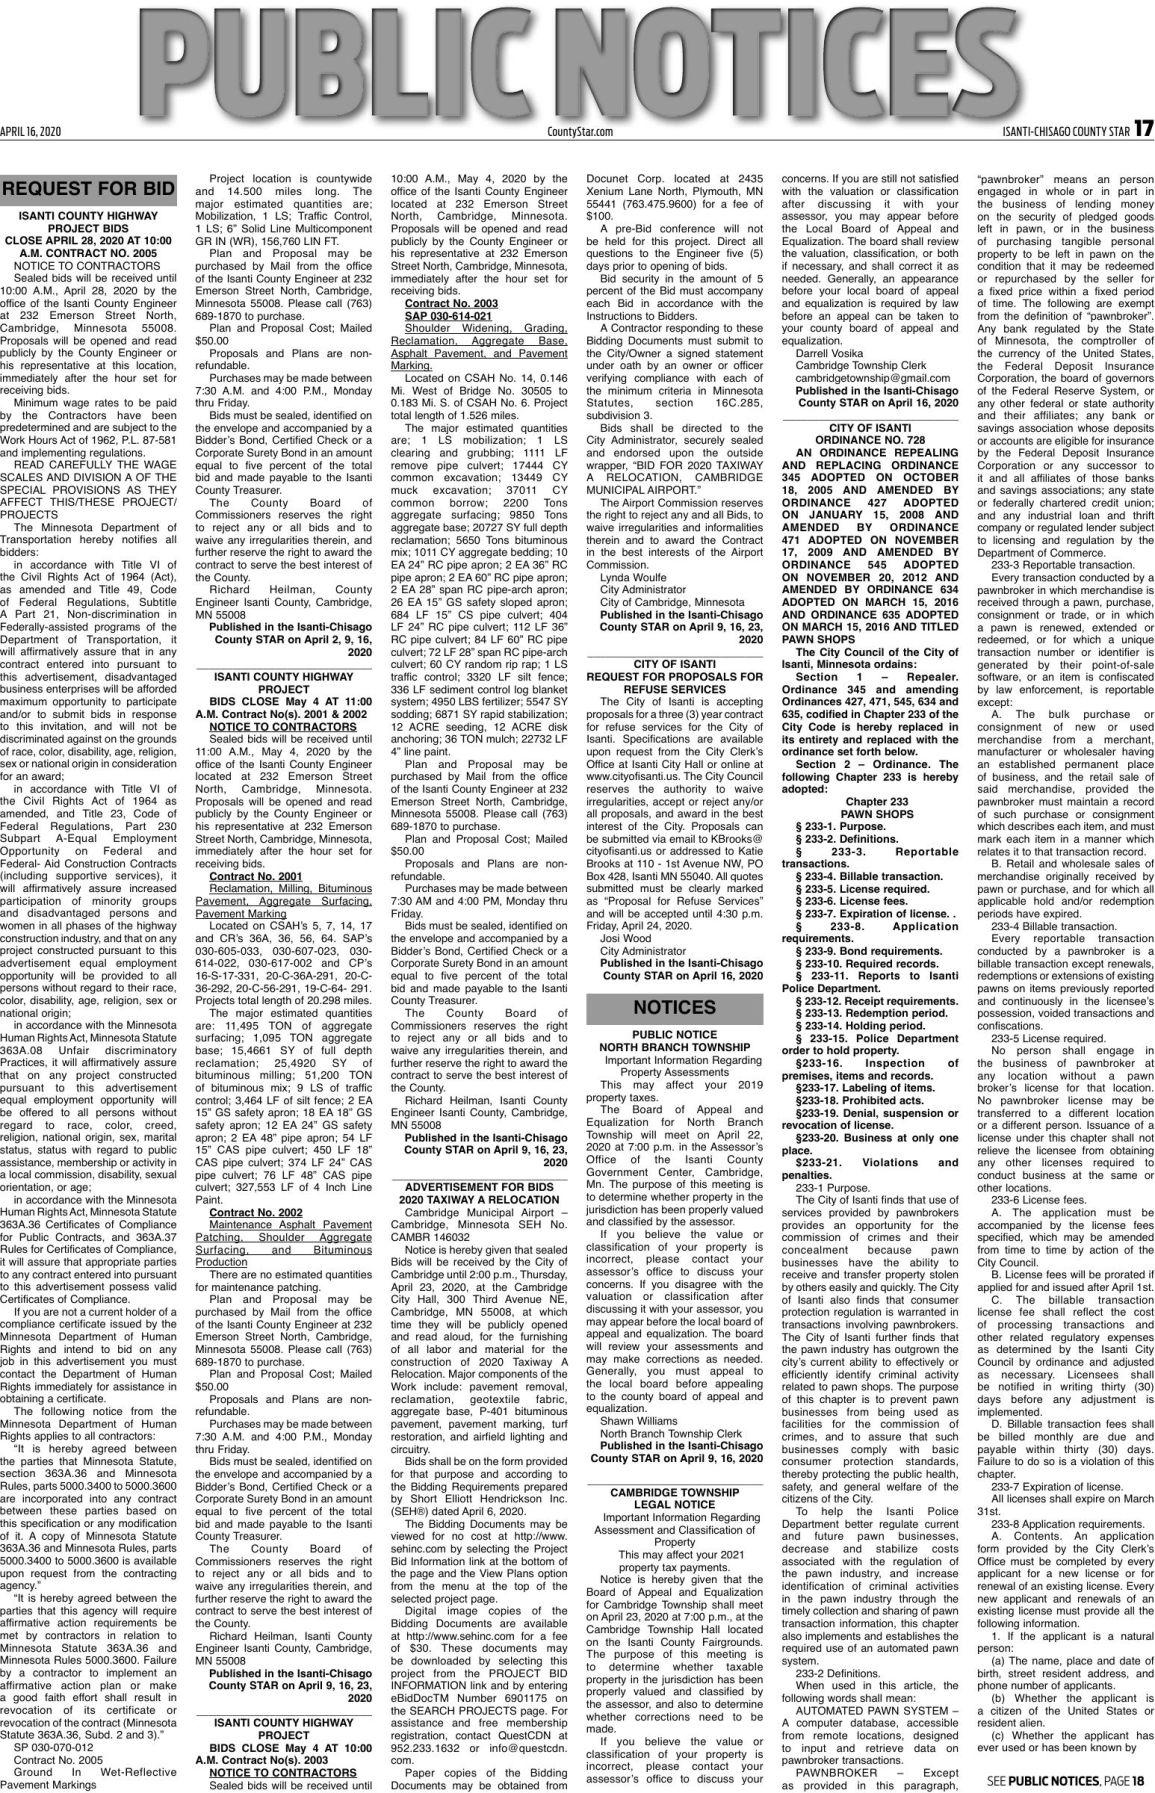 Public Notices - April 16